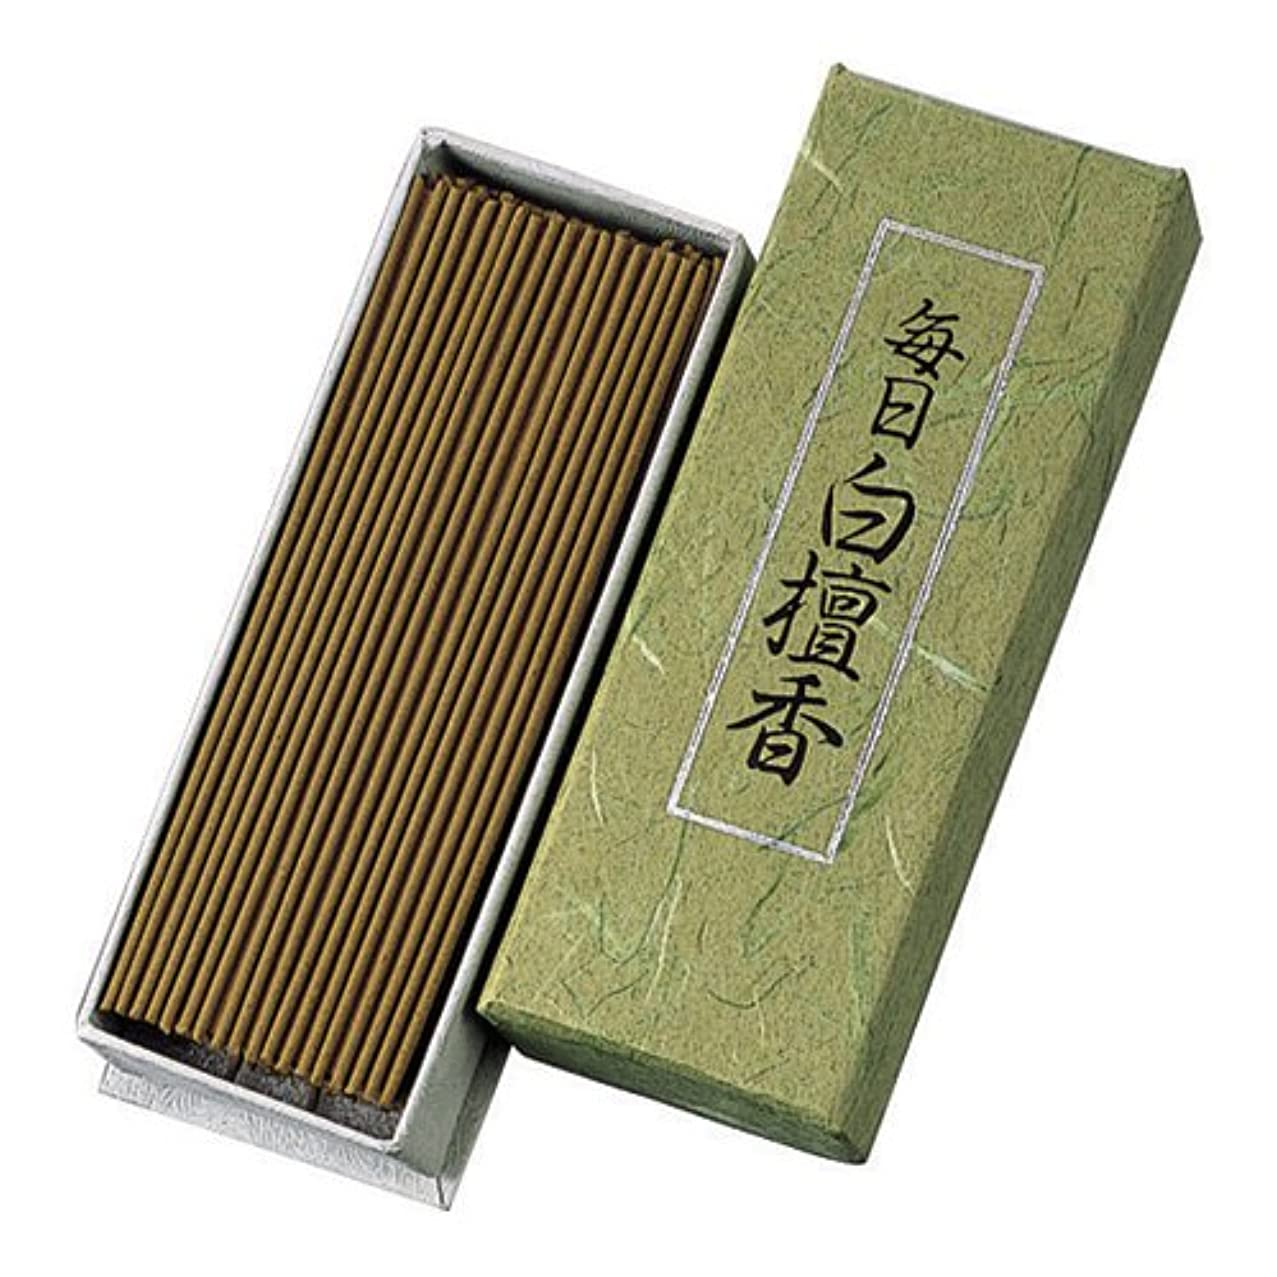 キャンドル湿度ビデオNippon Kodo – Mainichi Byakudan – Sandalwood Incense 150 sticks